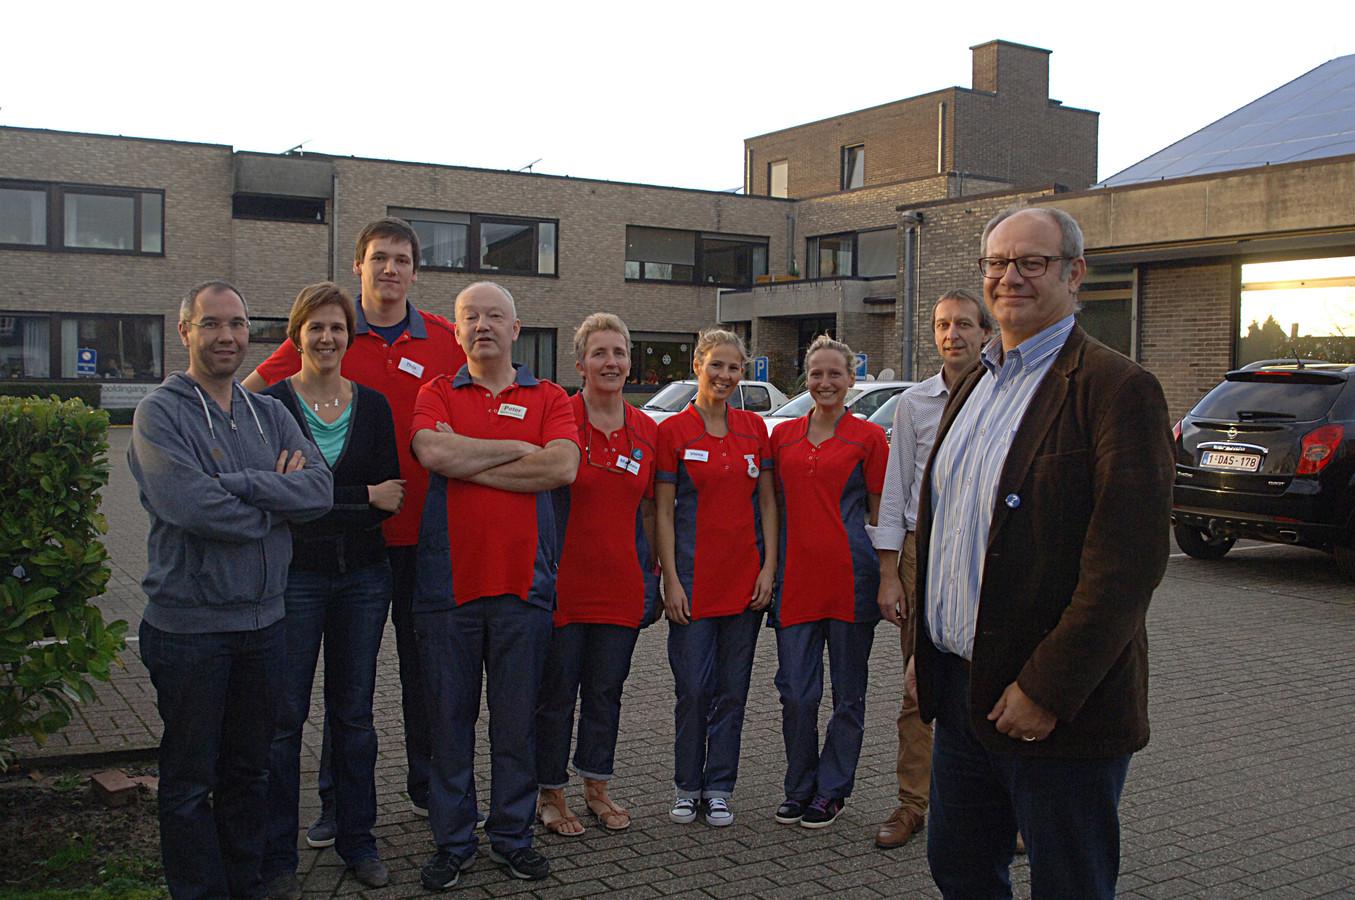 Schepen Filiep De Vos (rechts) met personeelsleden van rusthuis Ter Lembeek, op een archiefbeeld.